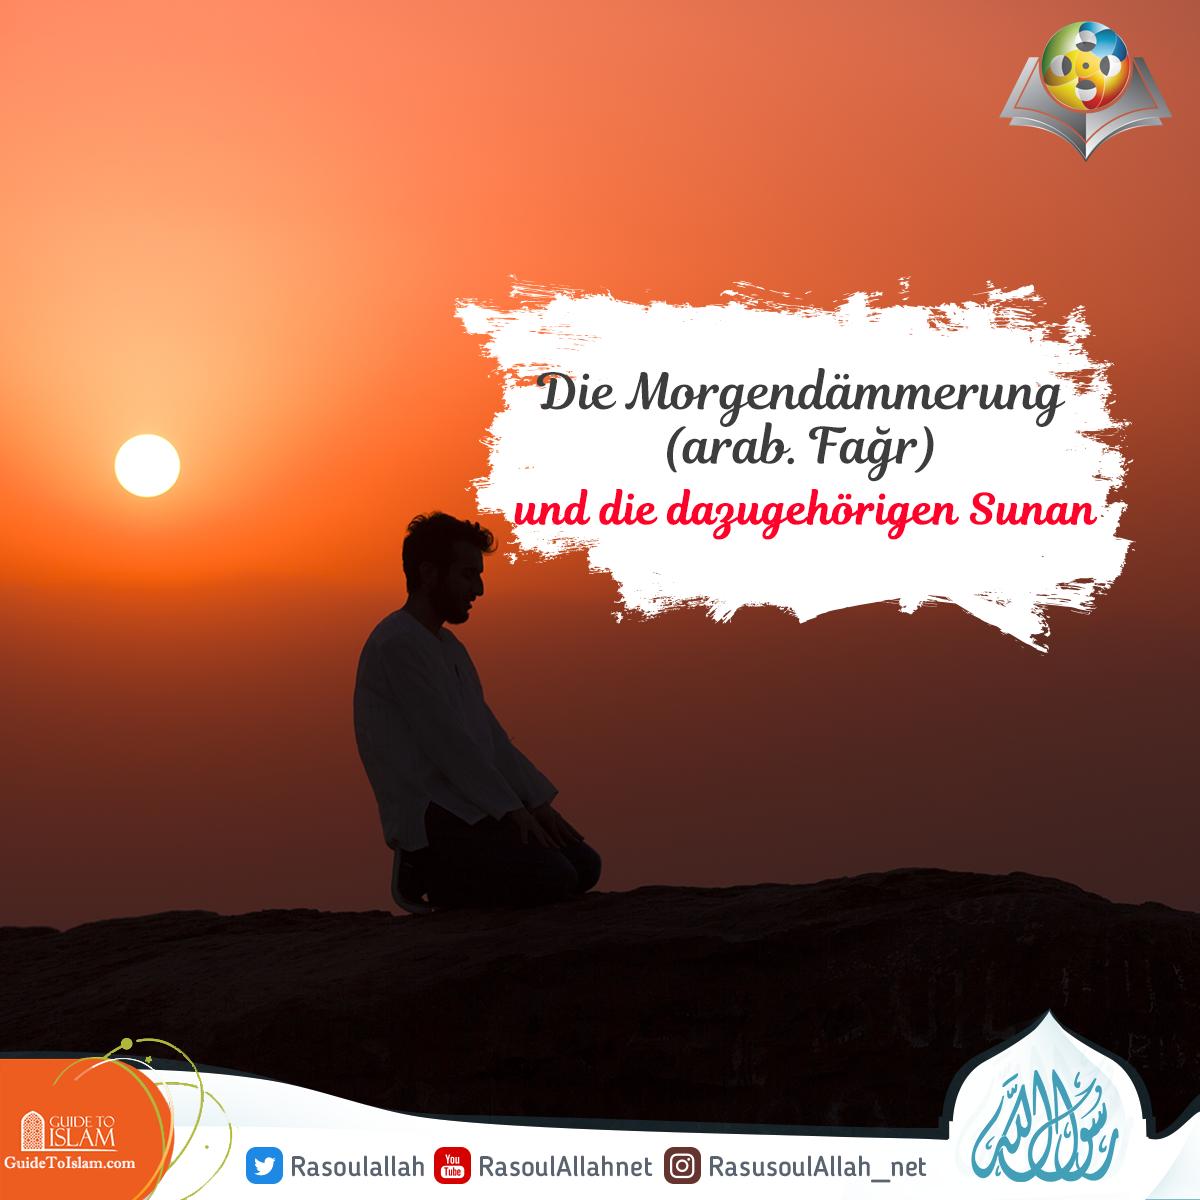 Die Morgendämmerung (arab. Fağr) und die dazugehörigen Sunan